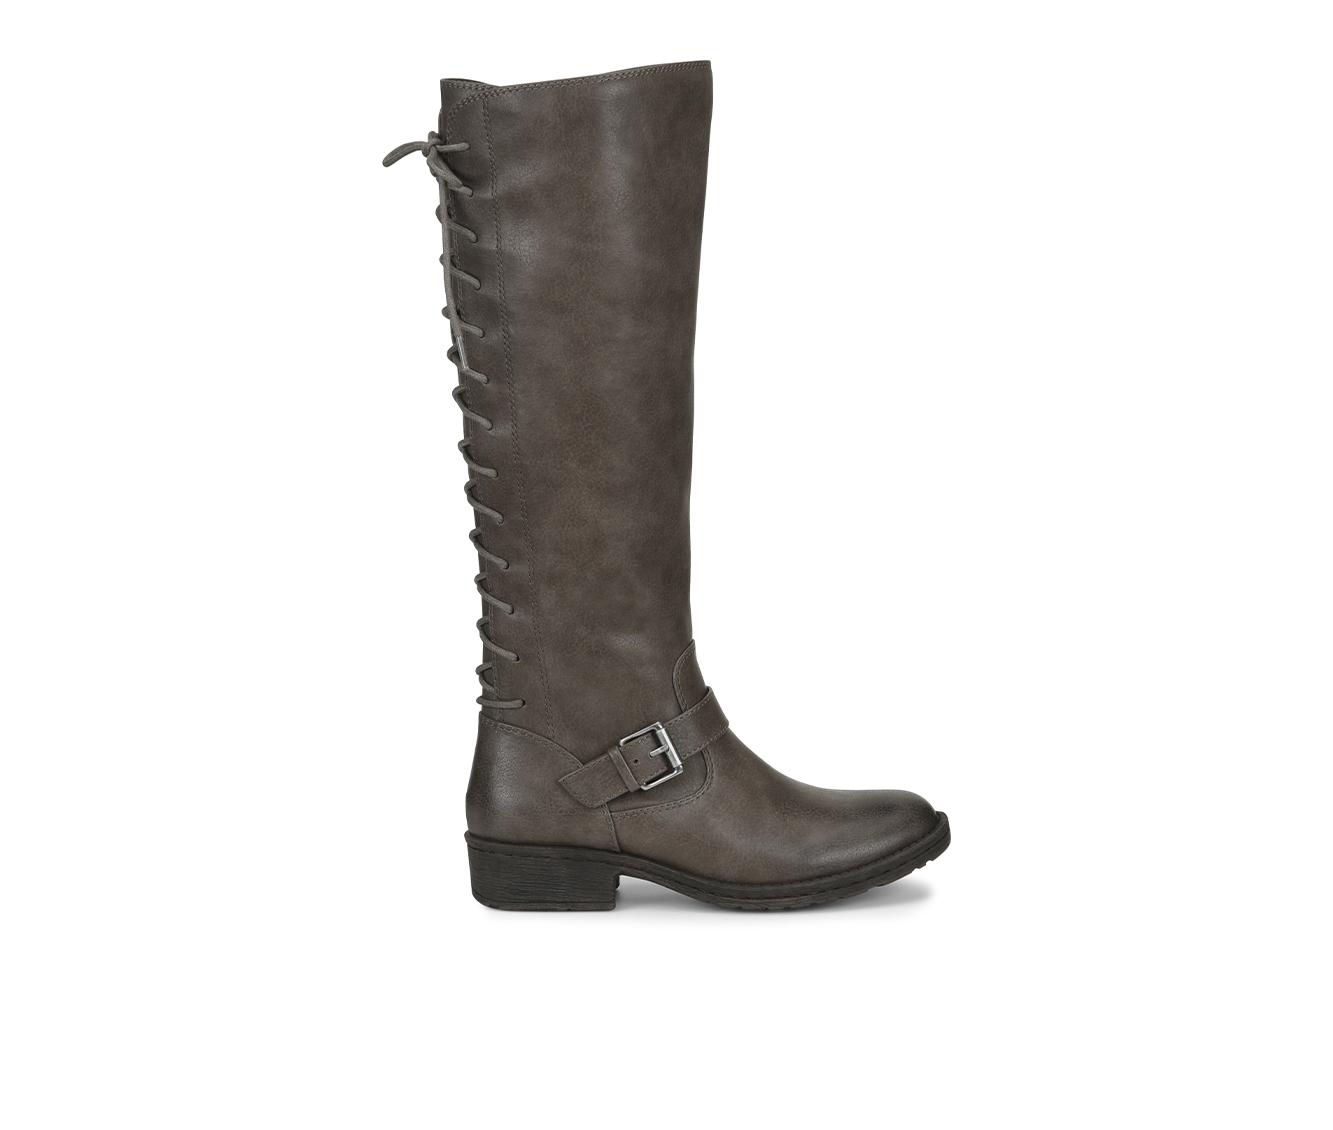 EuroSoft Selden Women's Boot (Gray Faux Leather)